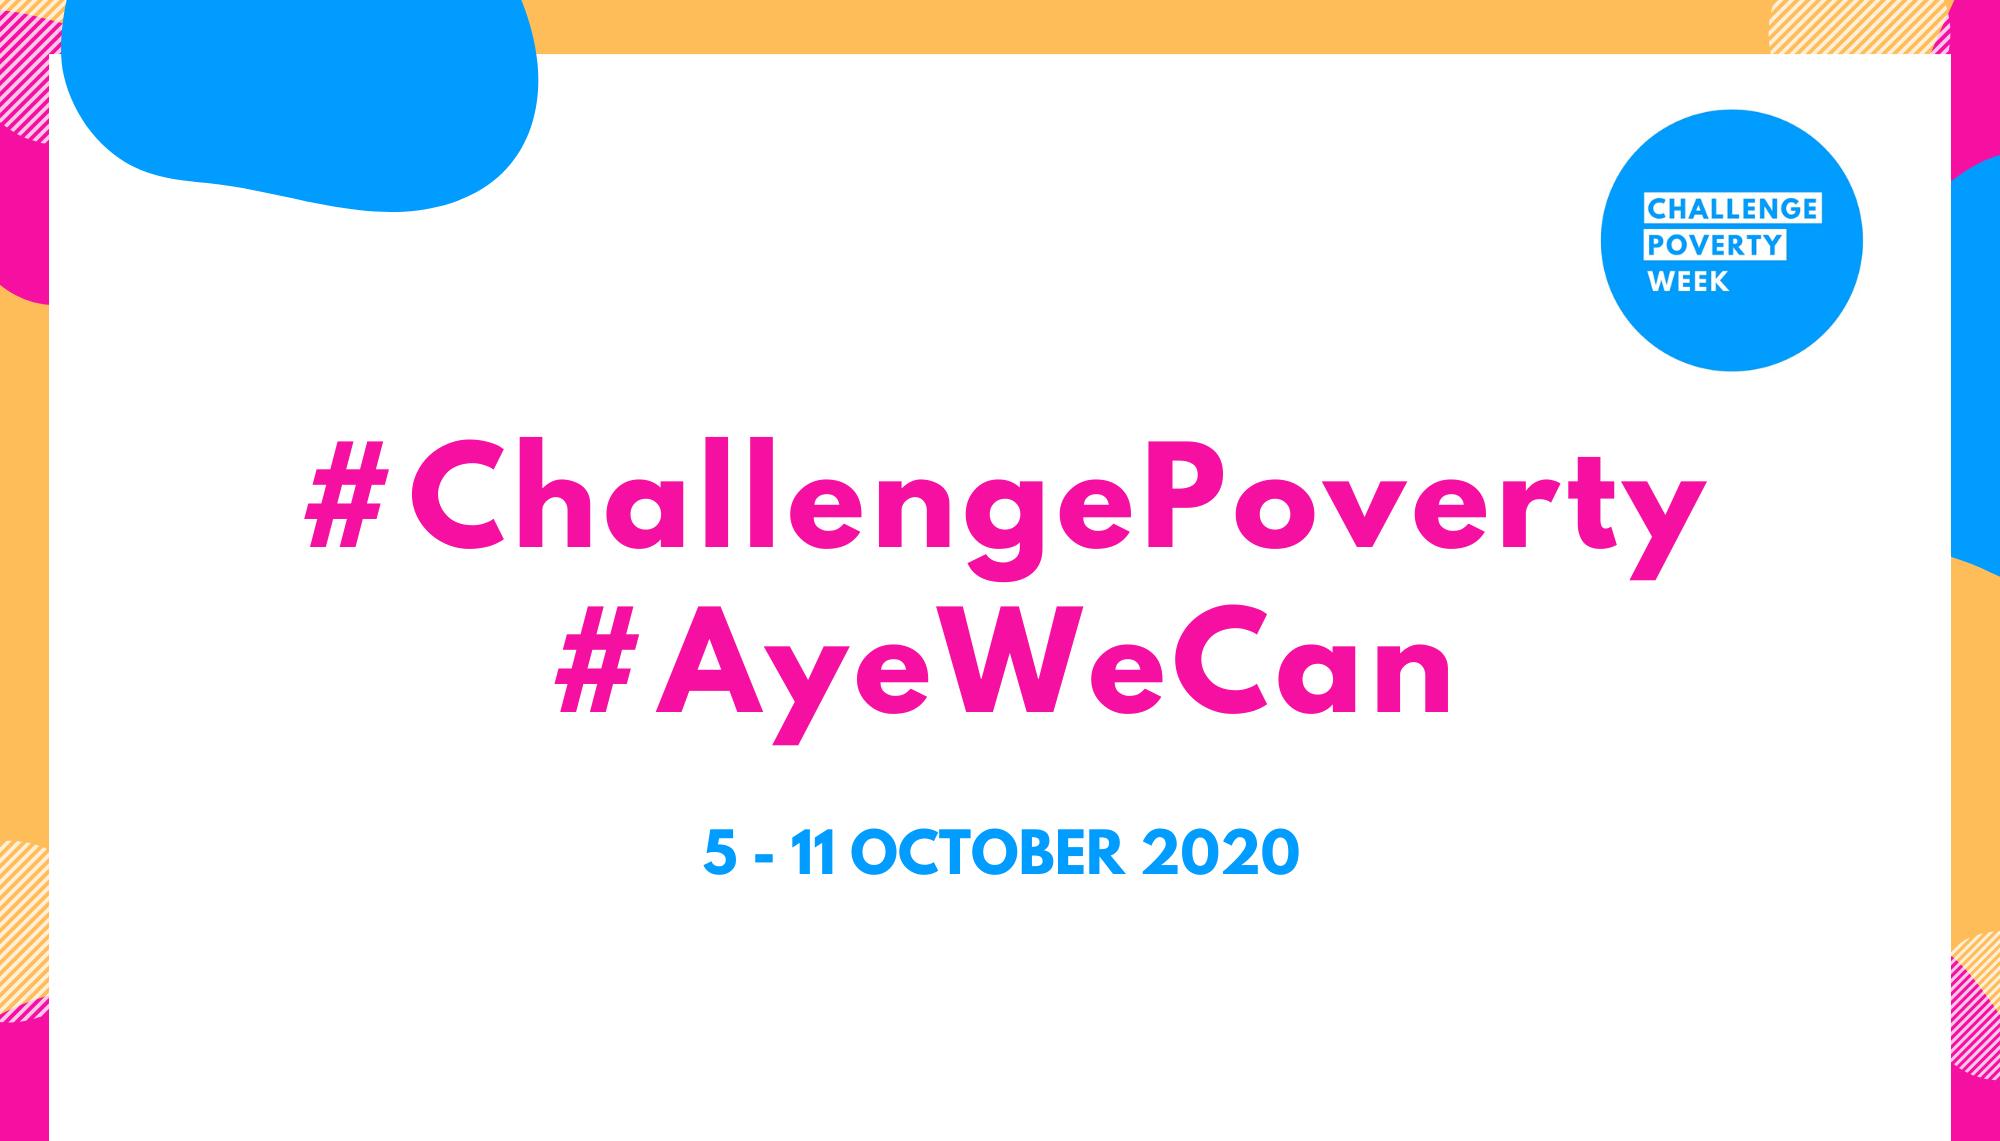 Challenge Poverty Week